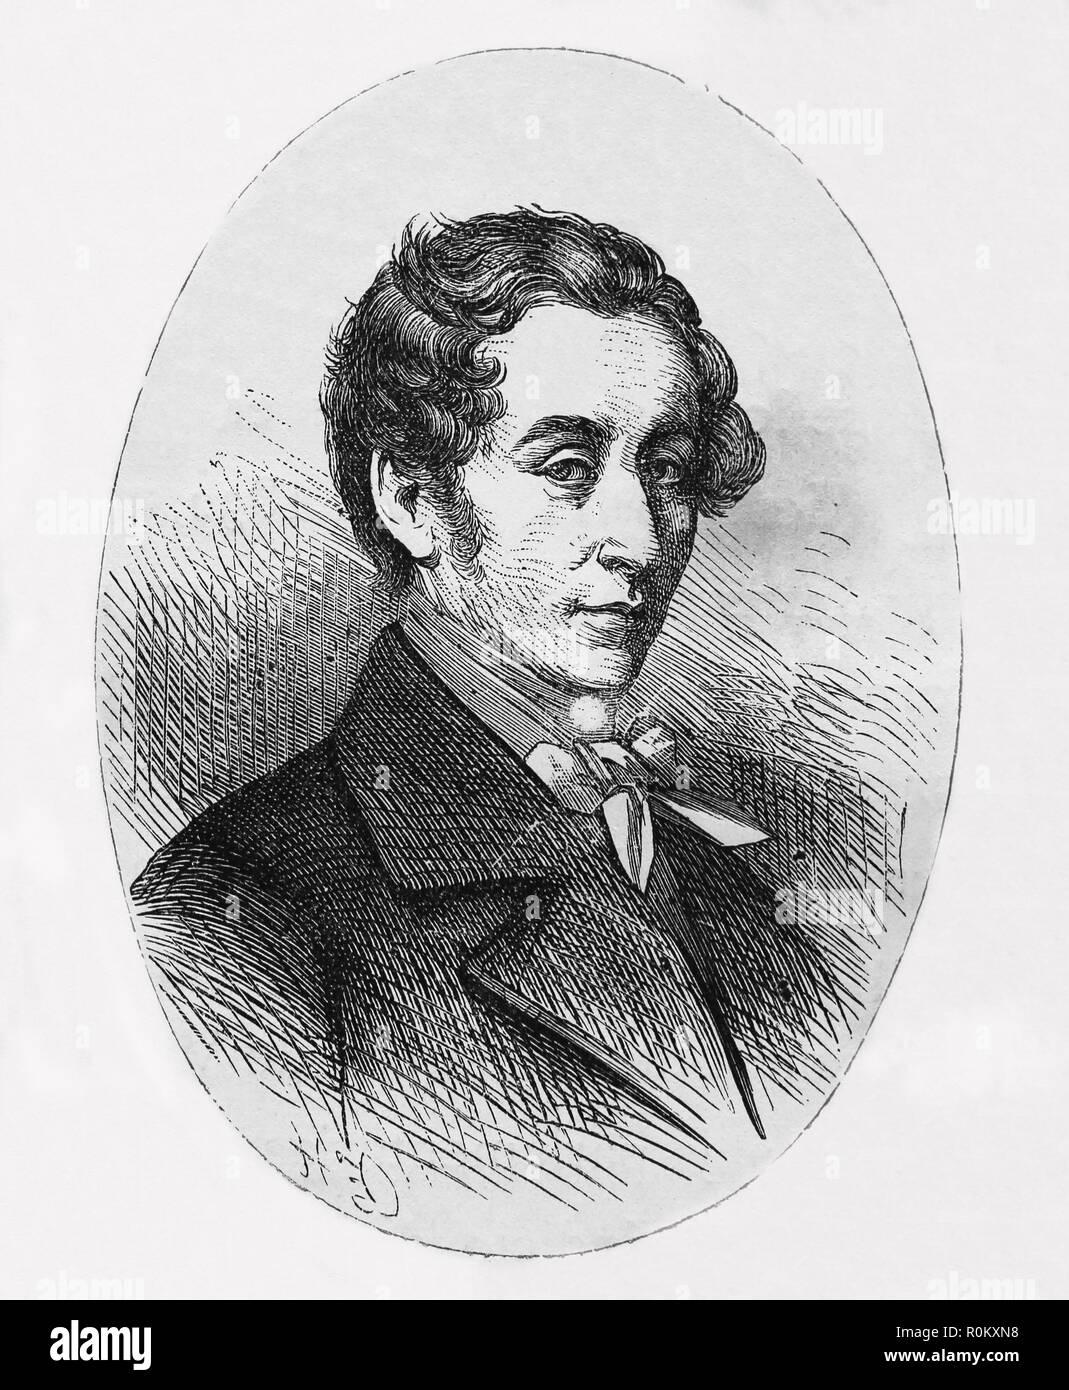 Carl Maria von Weber (1786-1826). Deutsche Komponist, Dirigent, Pianist. Romantik. Gravur, 1882. Stockbild